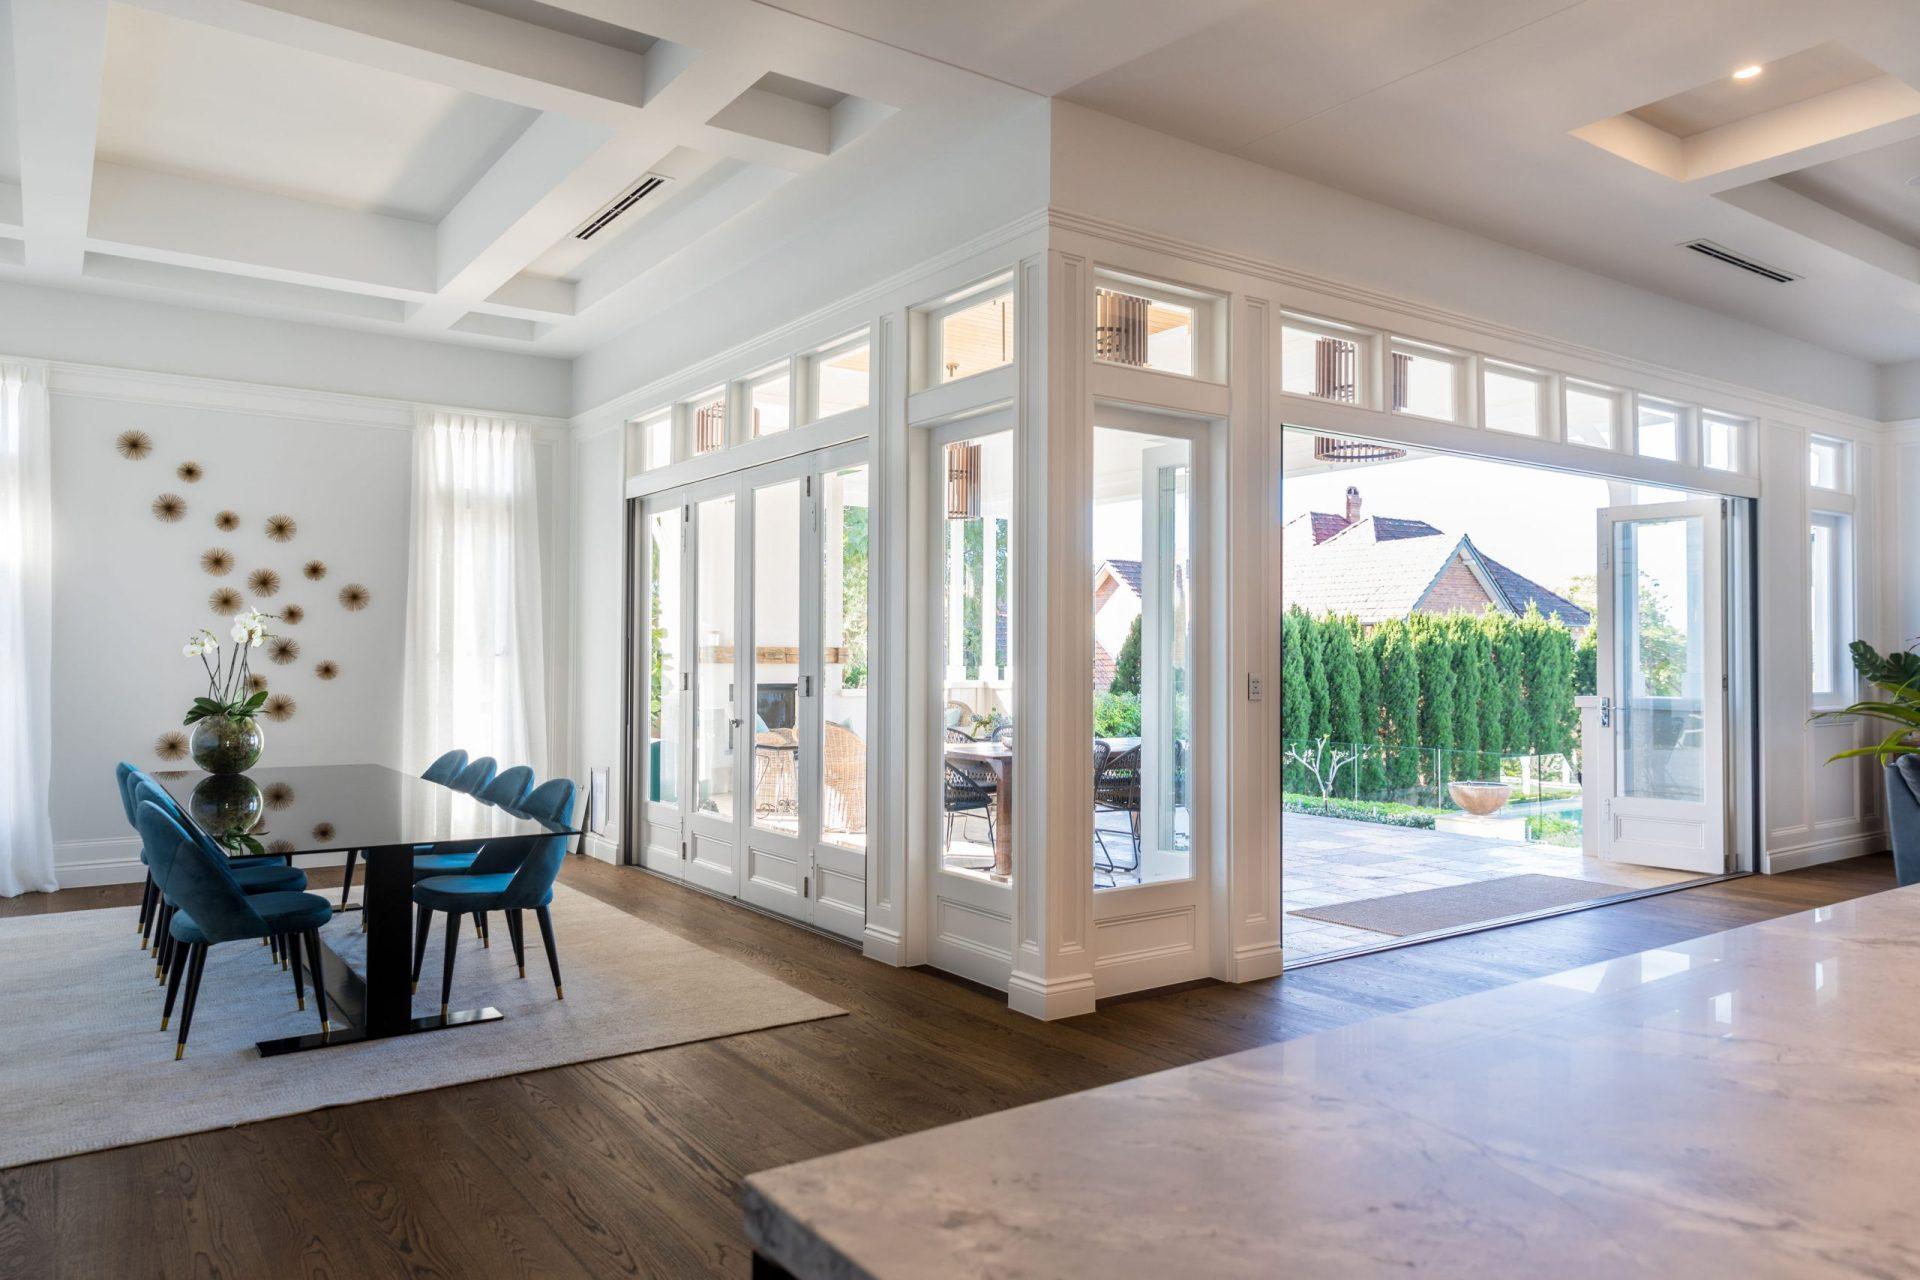 An open floor space home